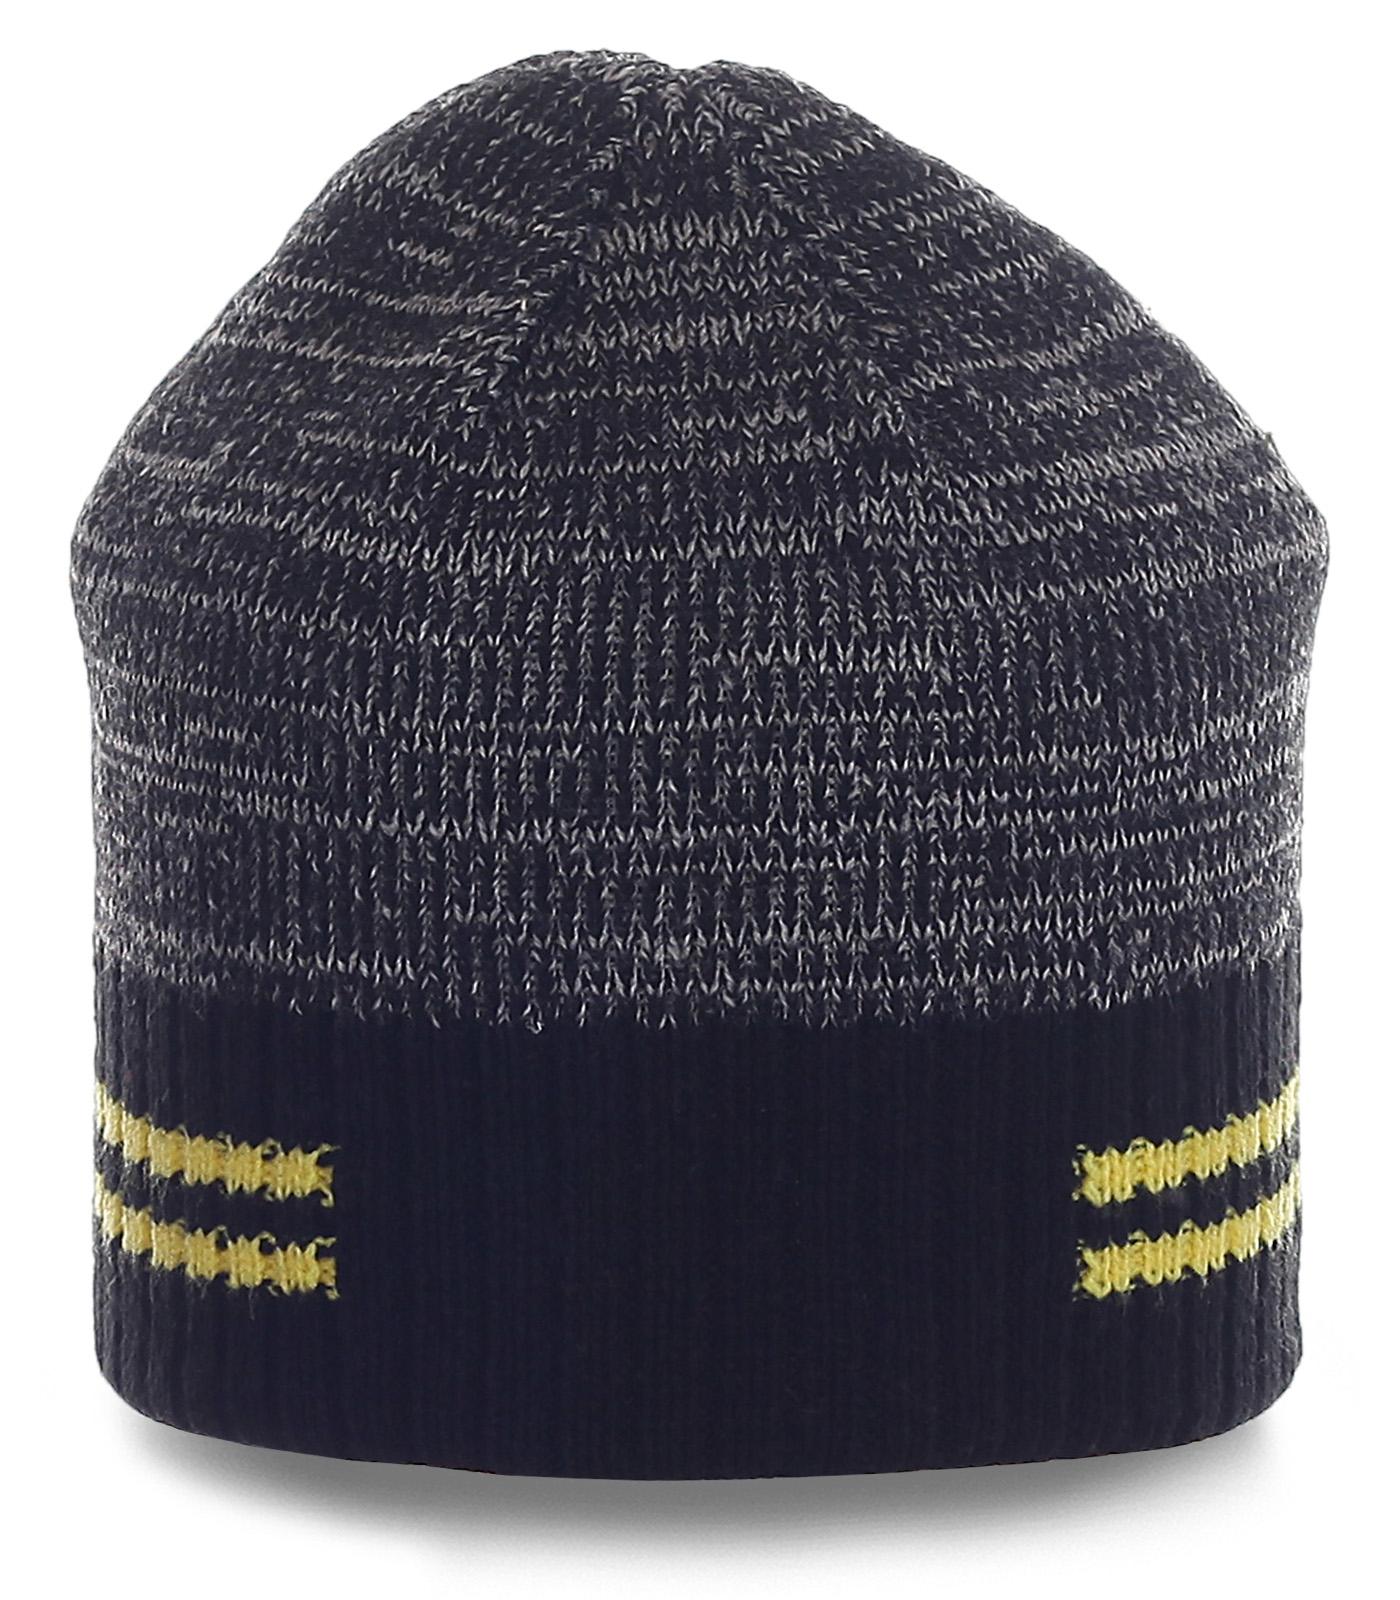 ОЧЕНЬ удобная мужская шапка с полосками. Спортивная модель для активных парней